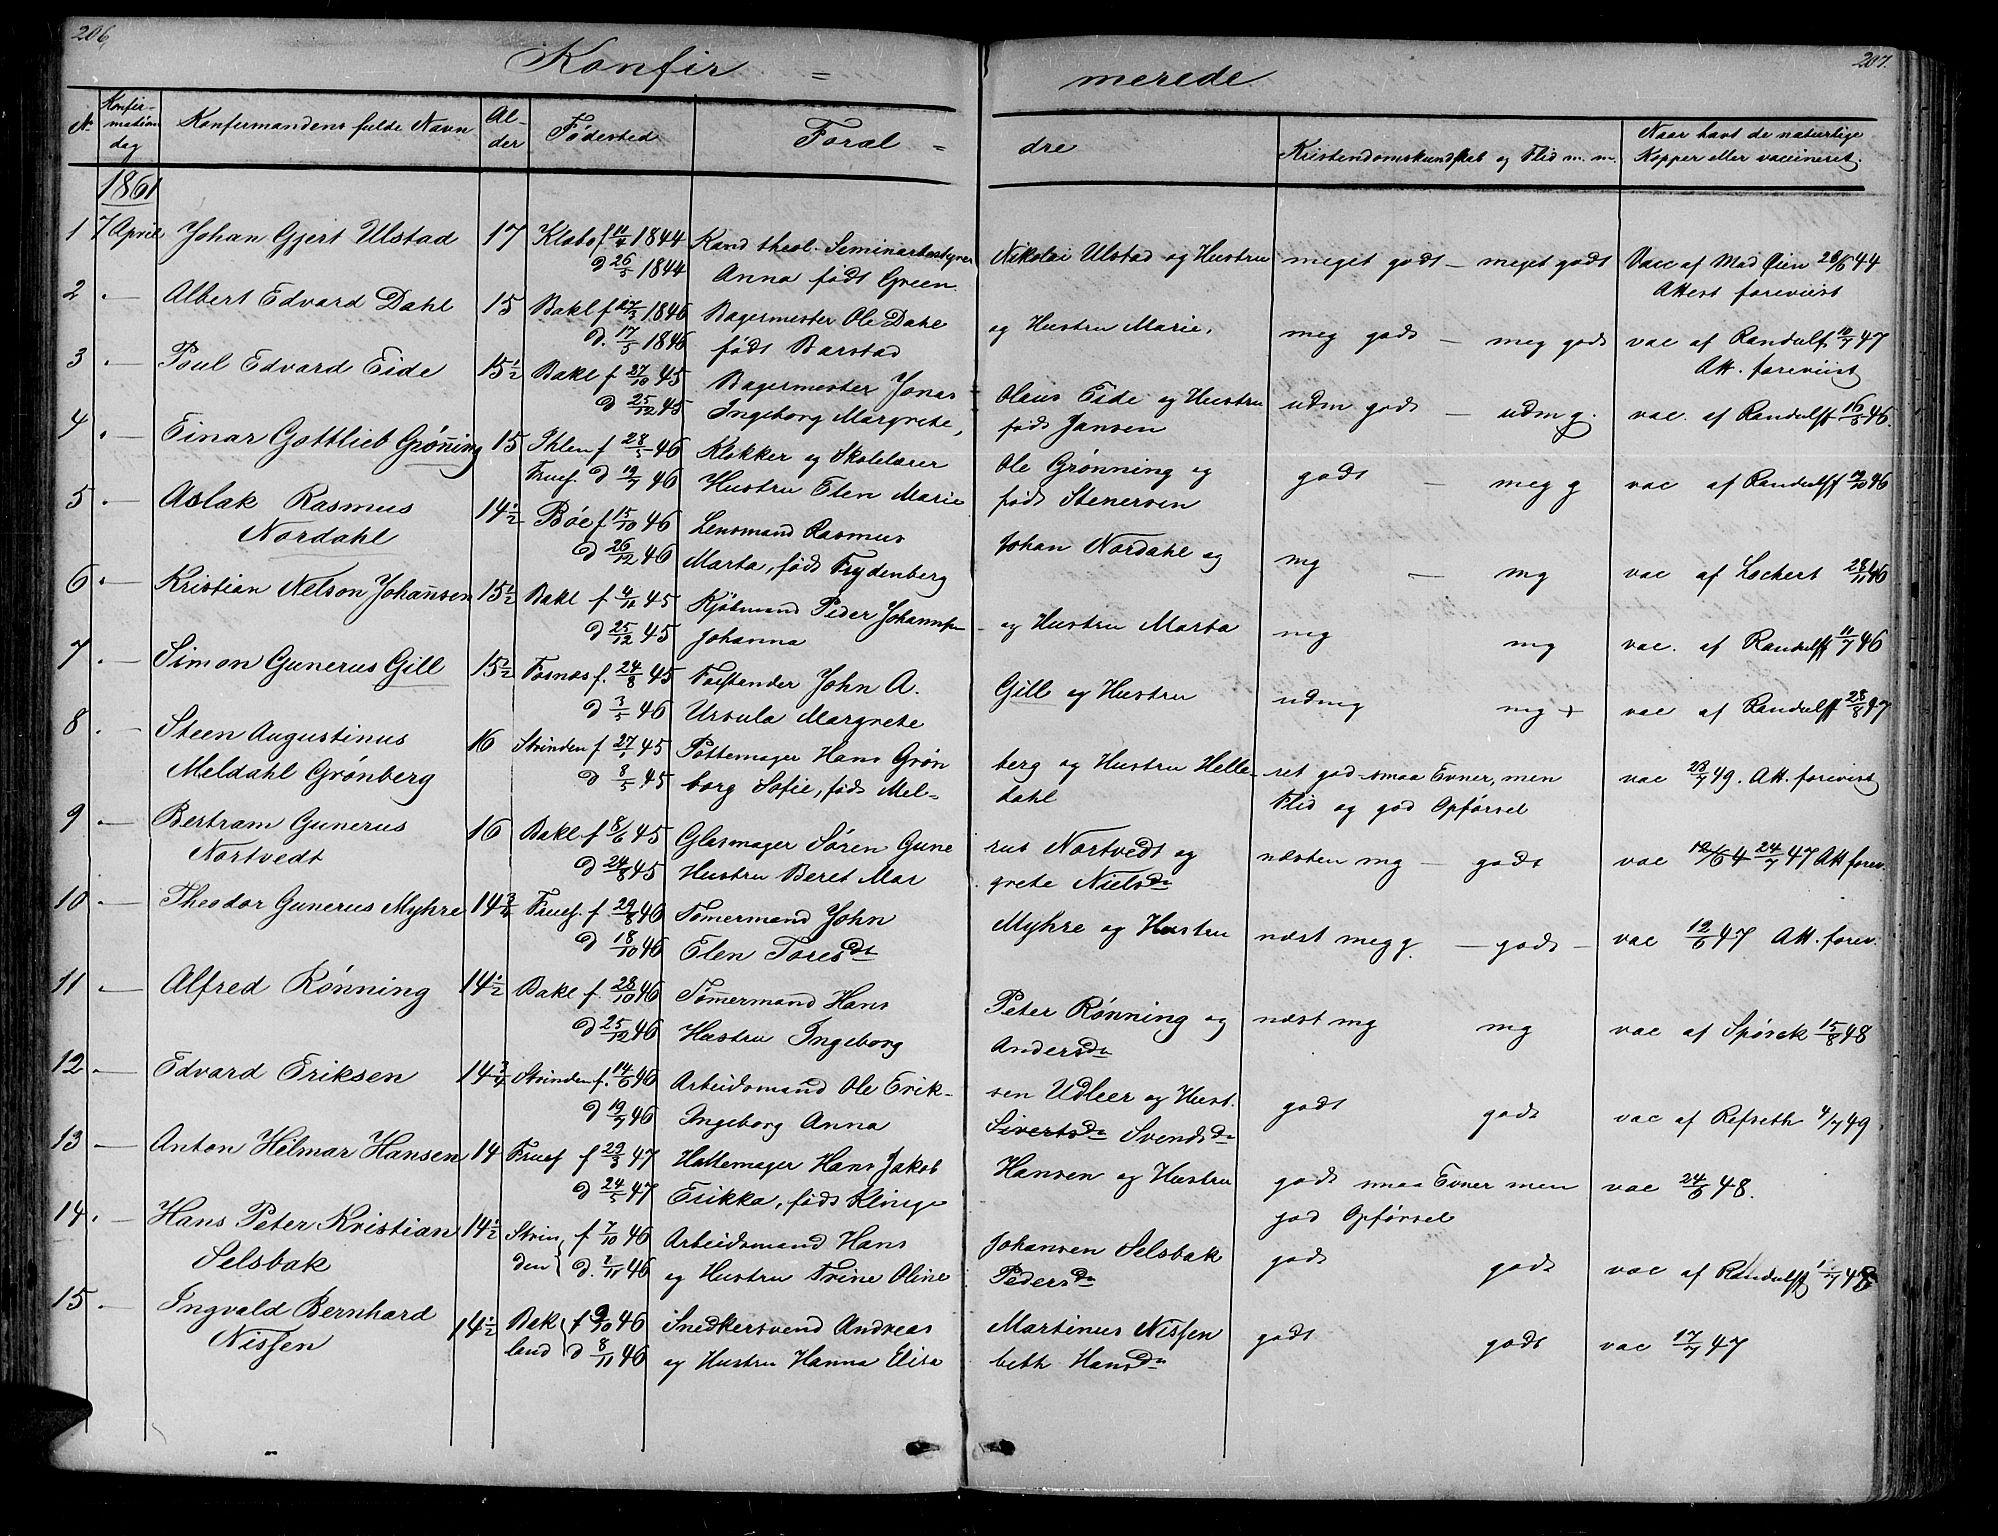 SAT, Ministerialprotokoller, klokkerbøker og fødselsregistre - Sør-Trøndelag, 604/L0219: Klokkerbok nr. 604C02, 1851-1869, s. 206-207